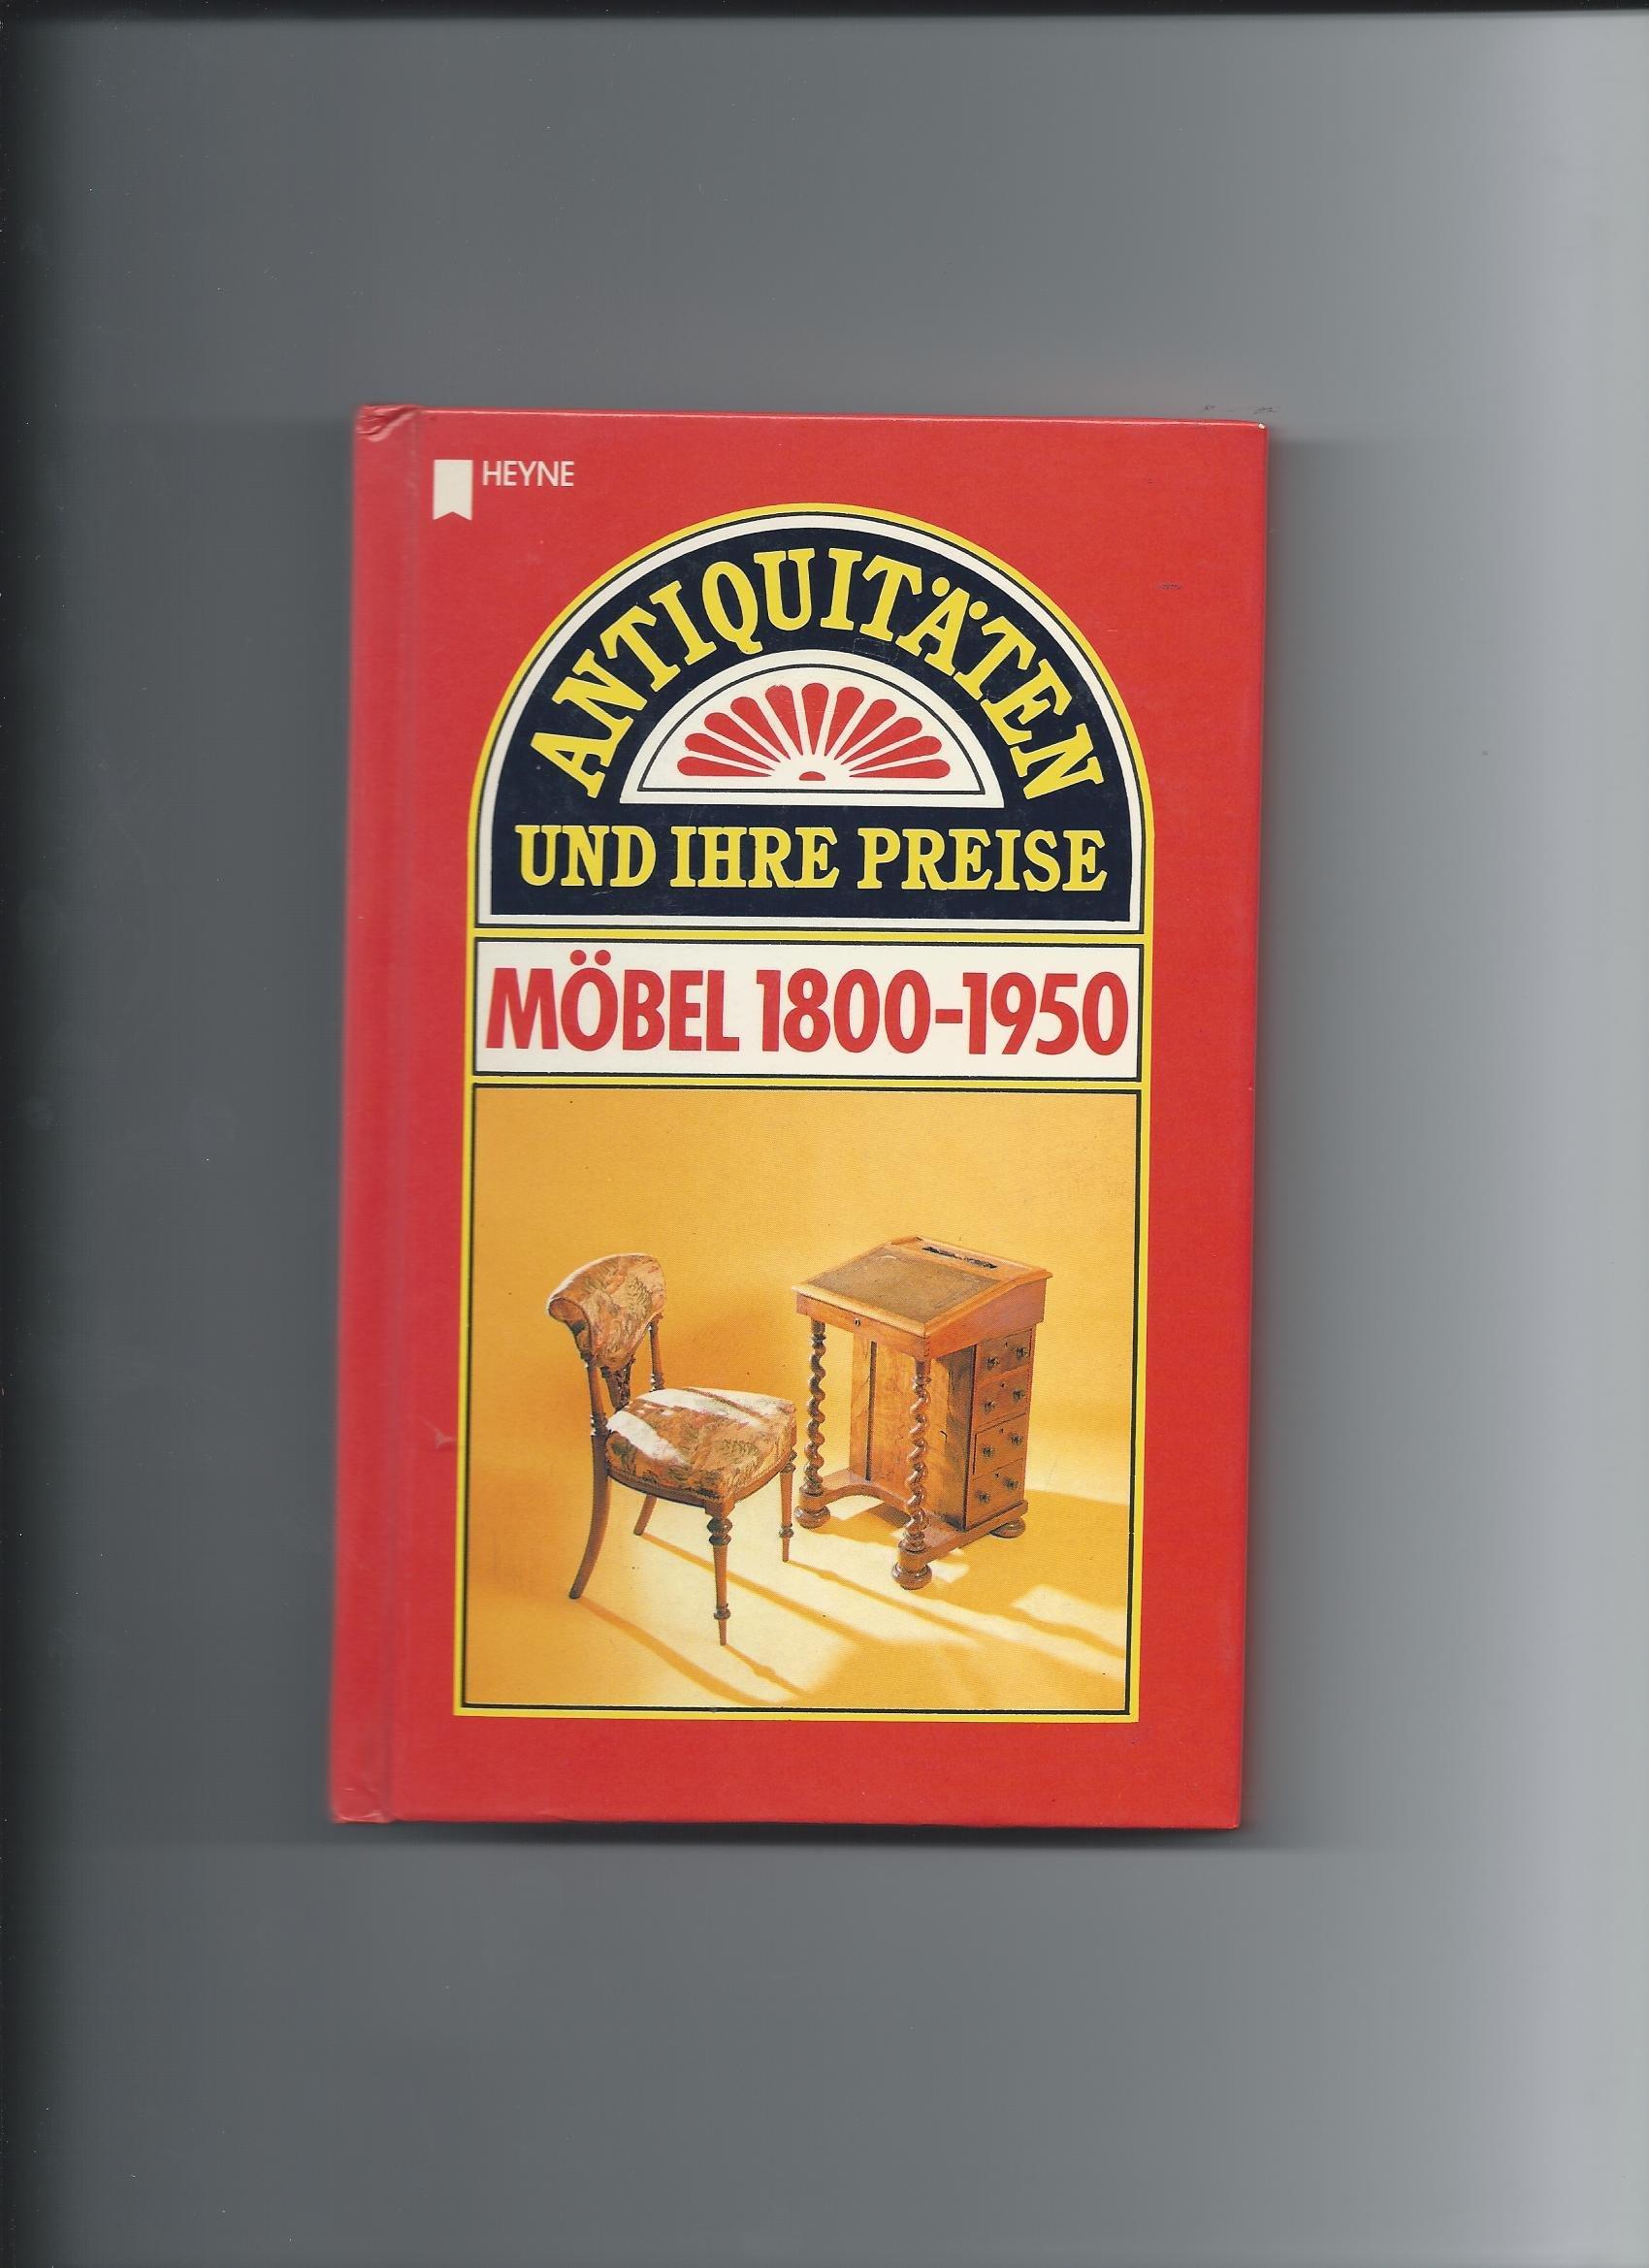 Antiquitaten Und Ihre Preise Mobel 1800 1950 Amazon Es Tony Hrsg